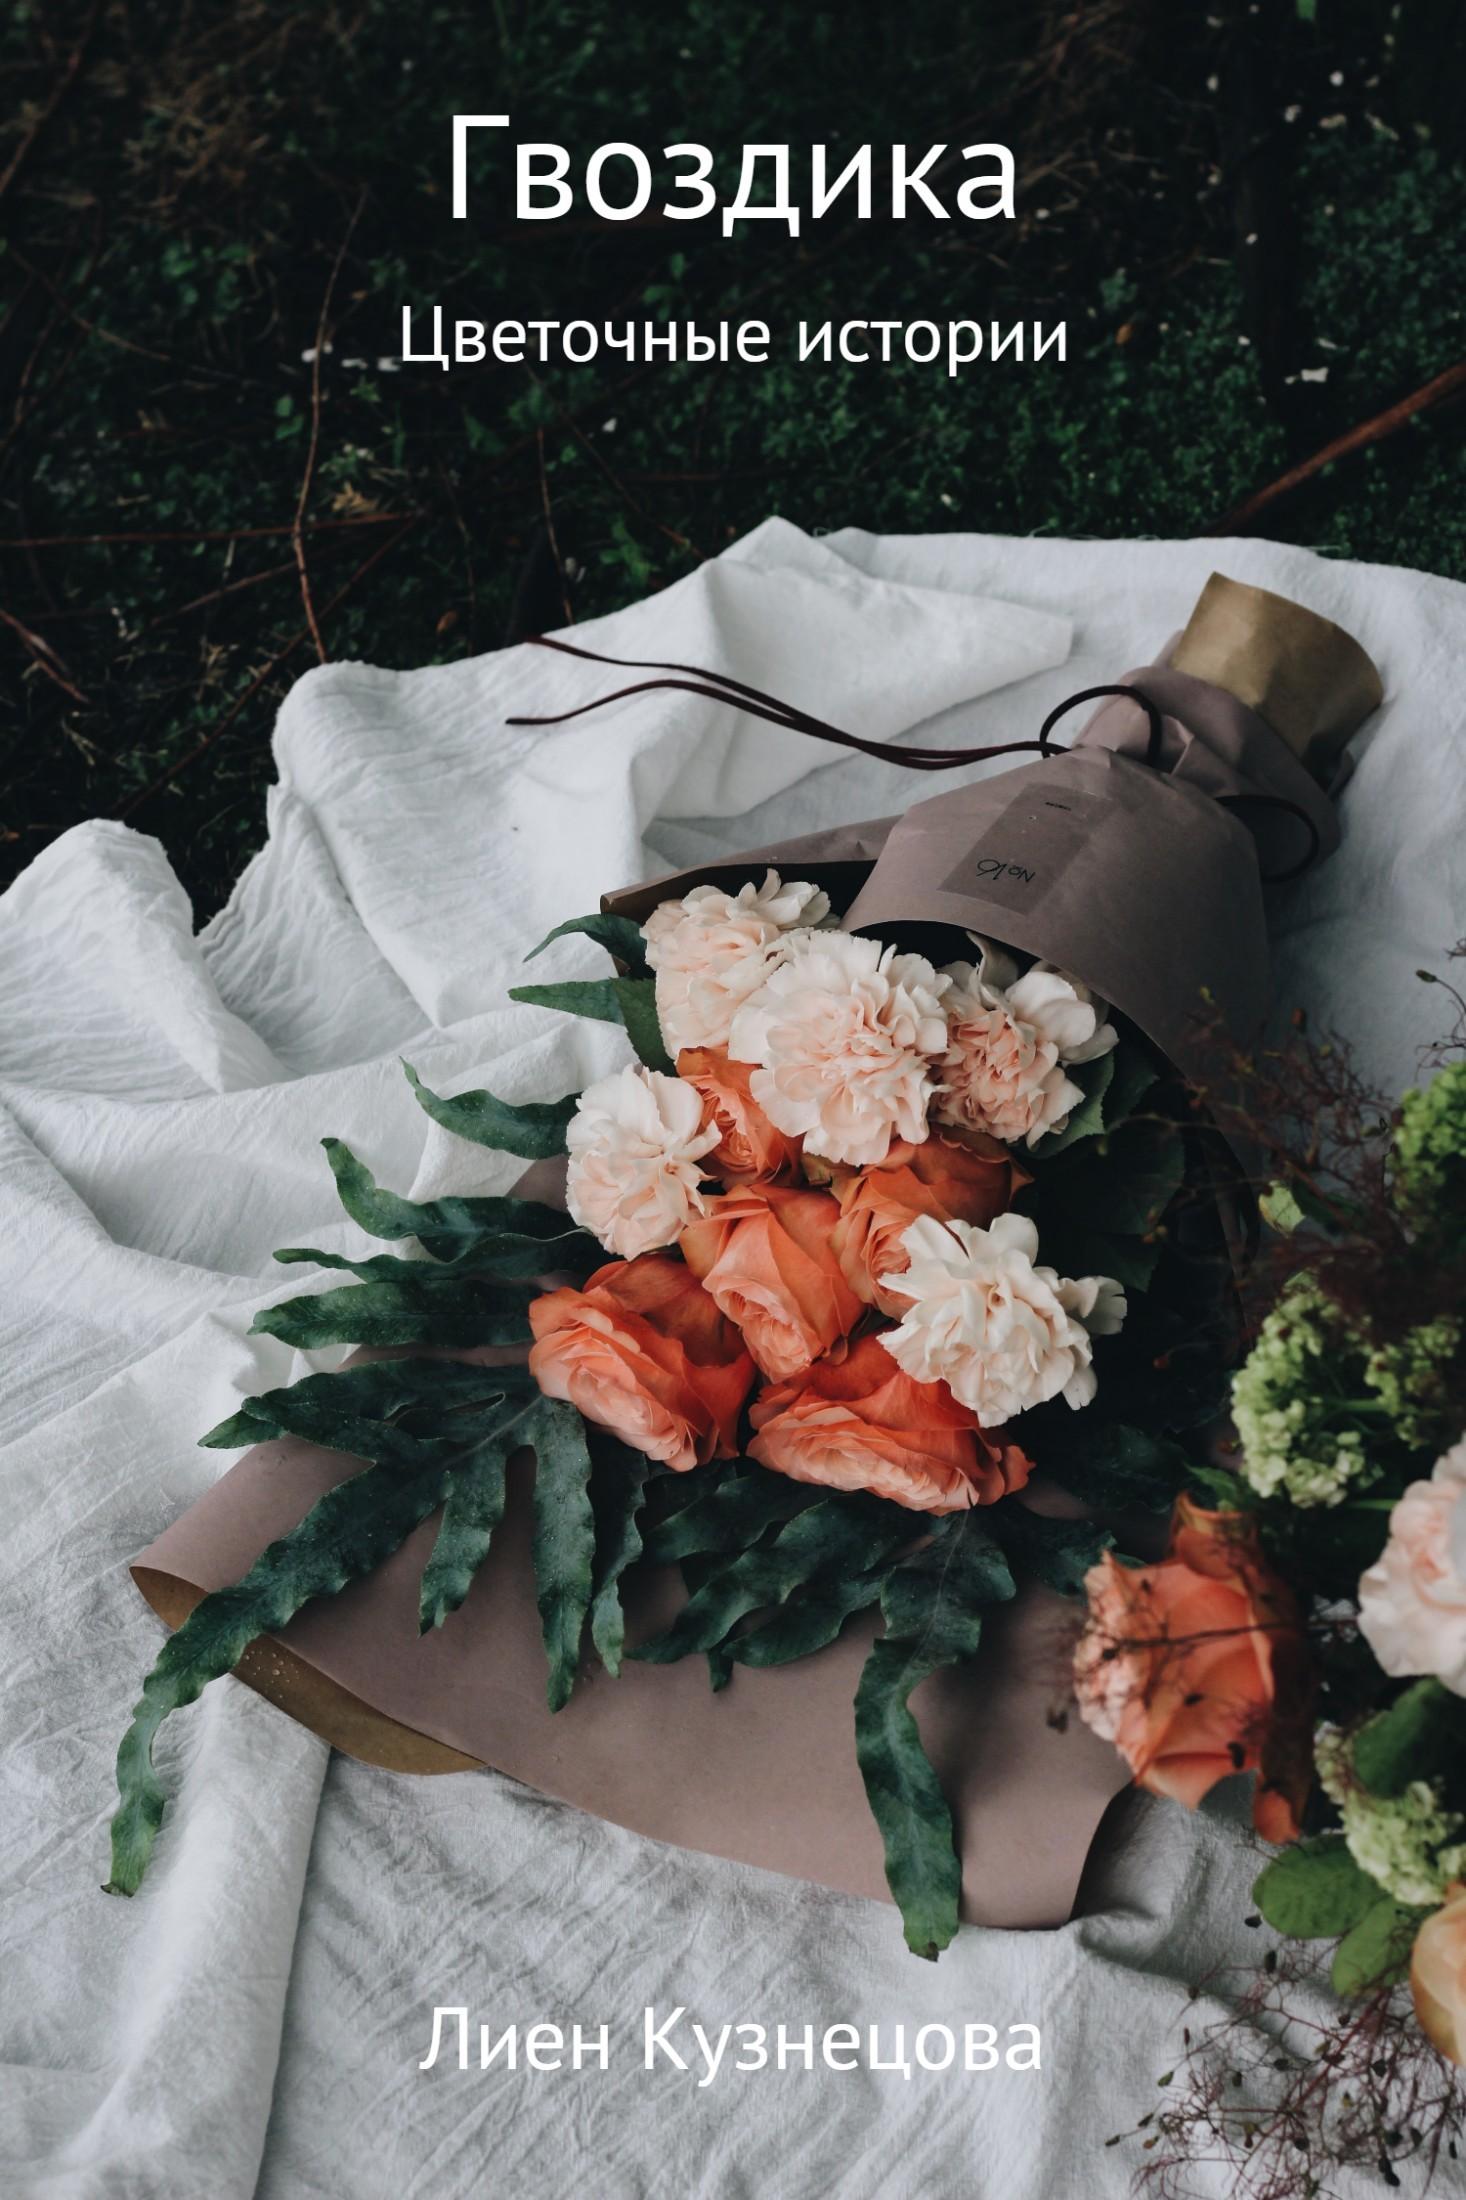 Цветочные истории. Гвоздика